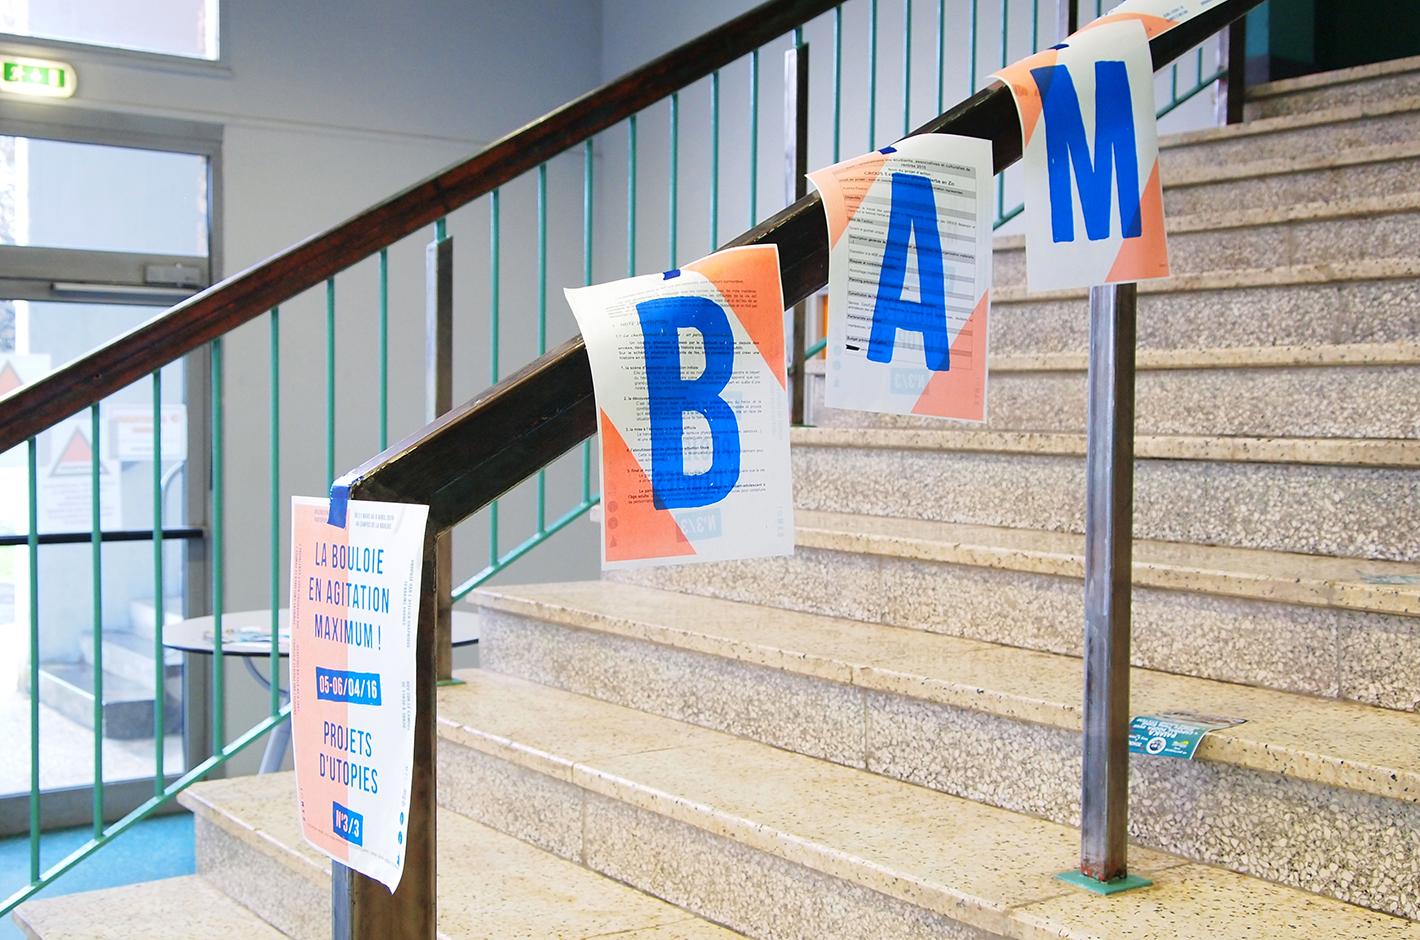 BAM ! La Bouloie en Agitation Maximum - Besançon - Campus de la Bouloie - affiche 3 projets d'utopies